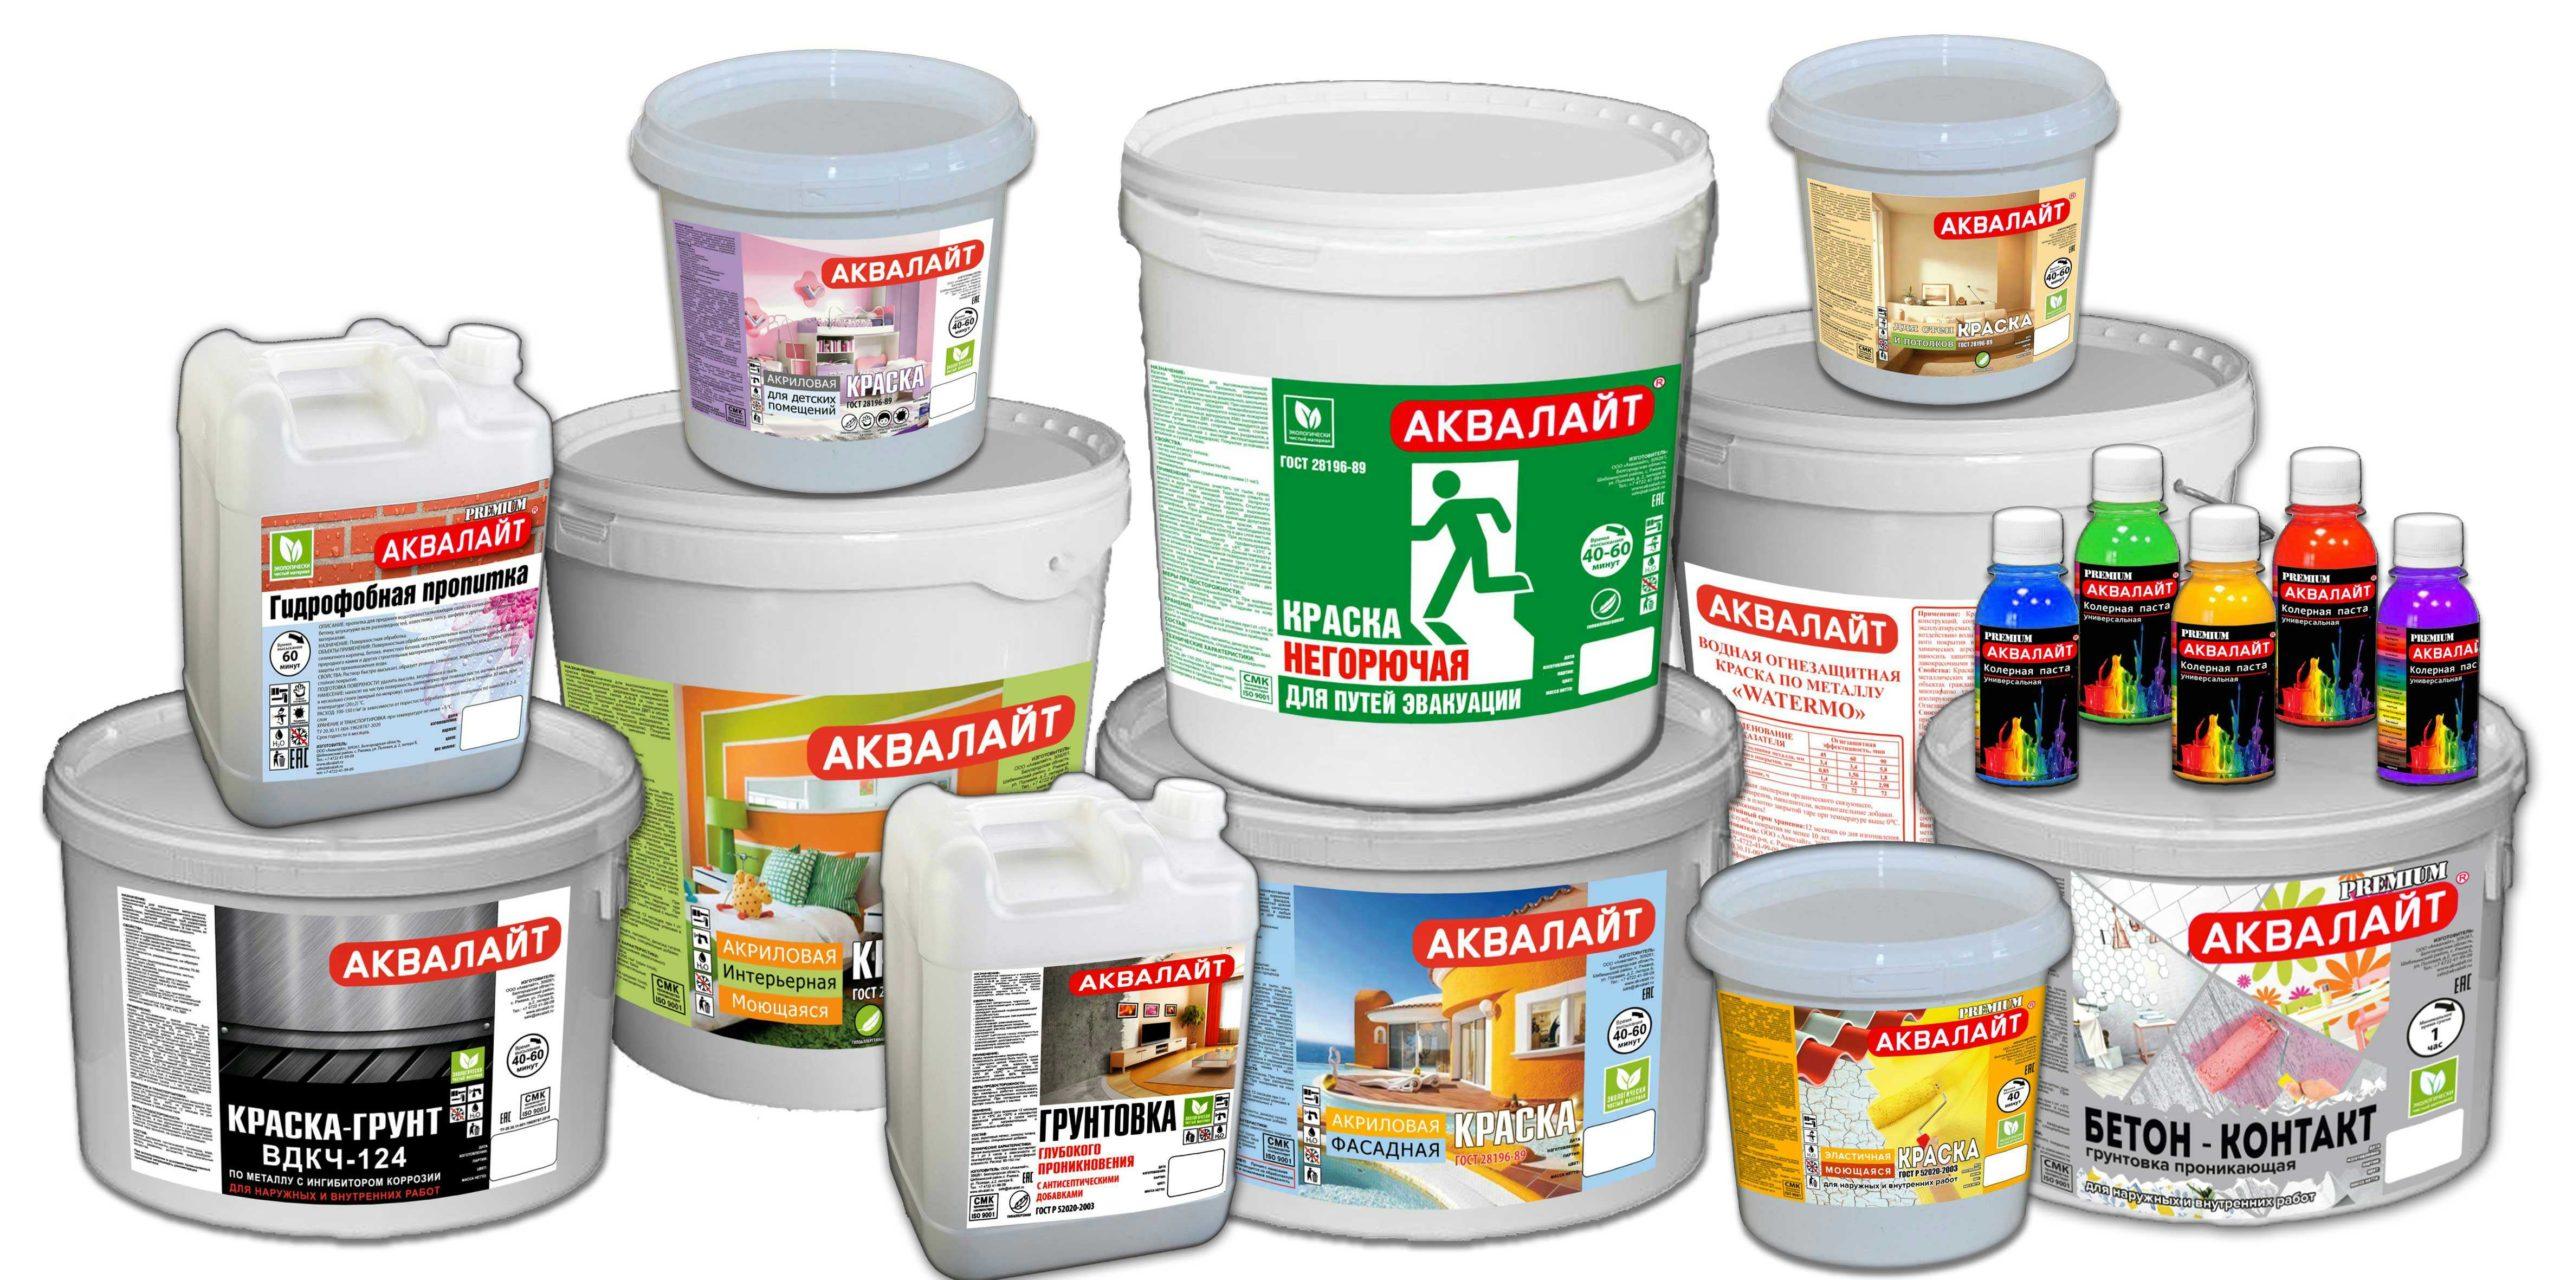 Группа товаров фкупить краски Аквалайт